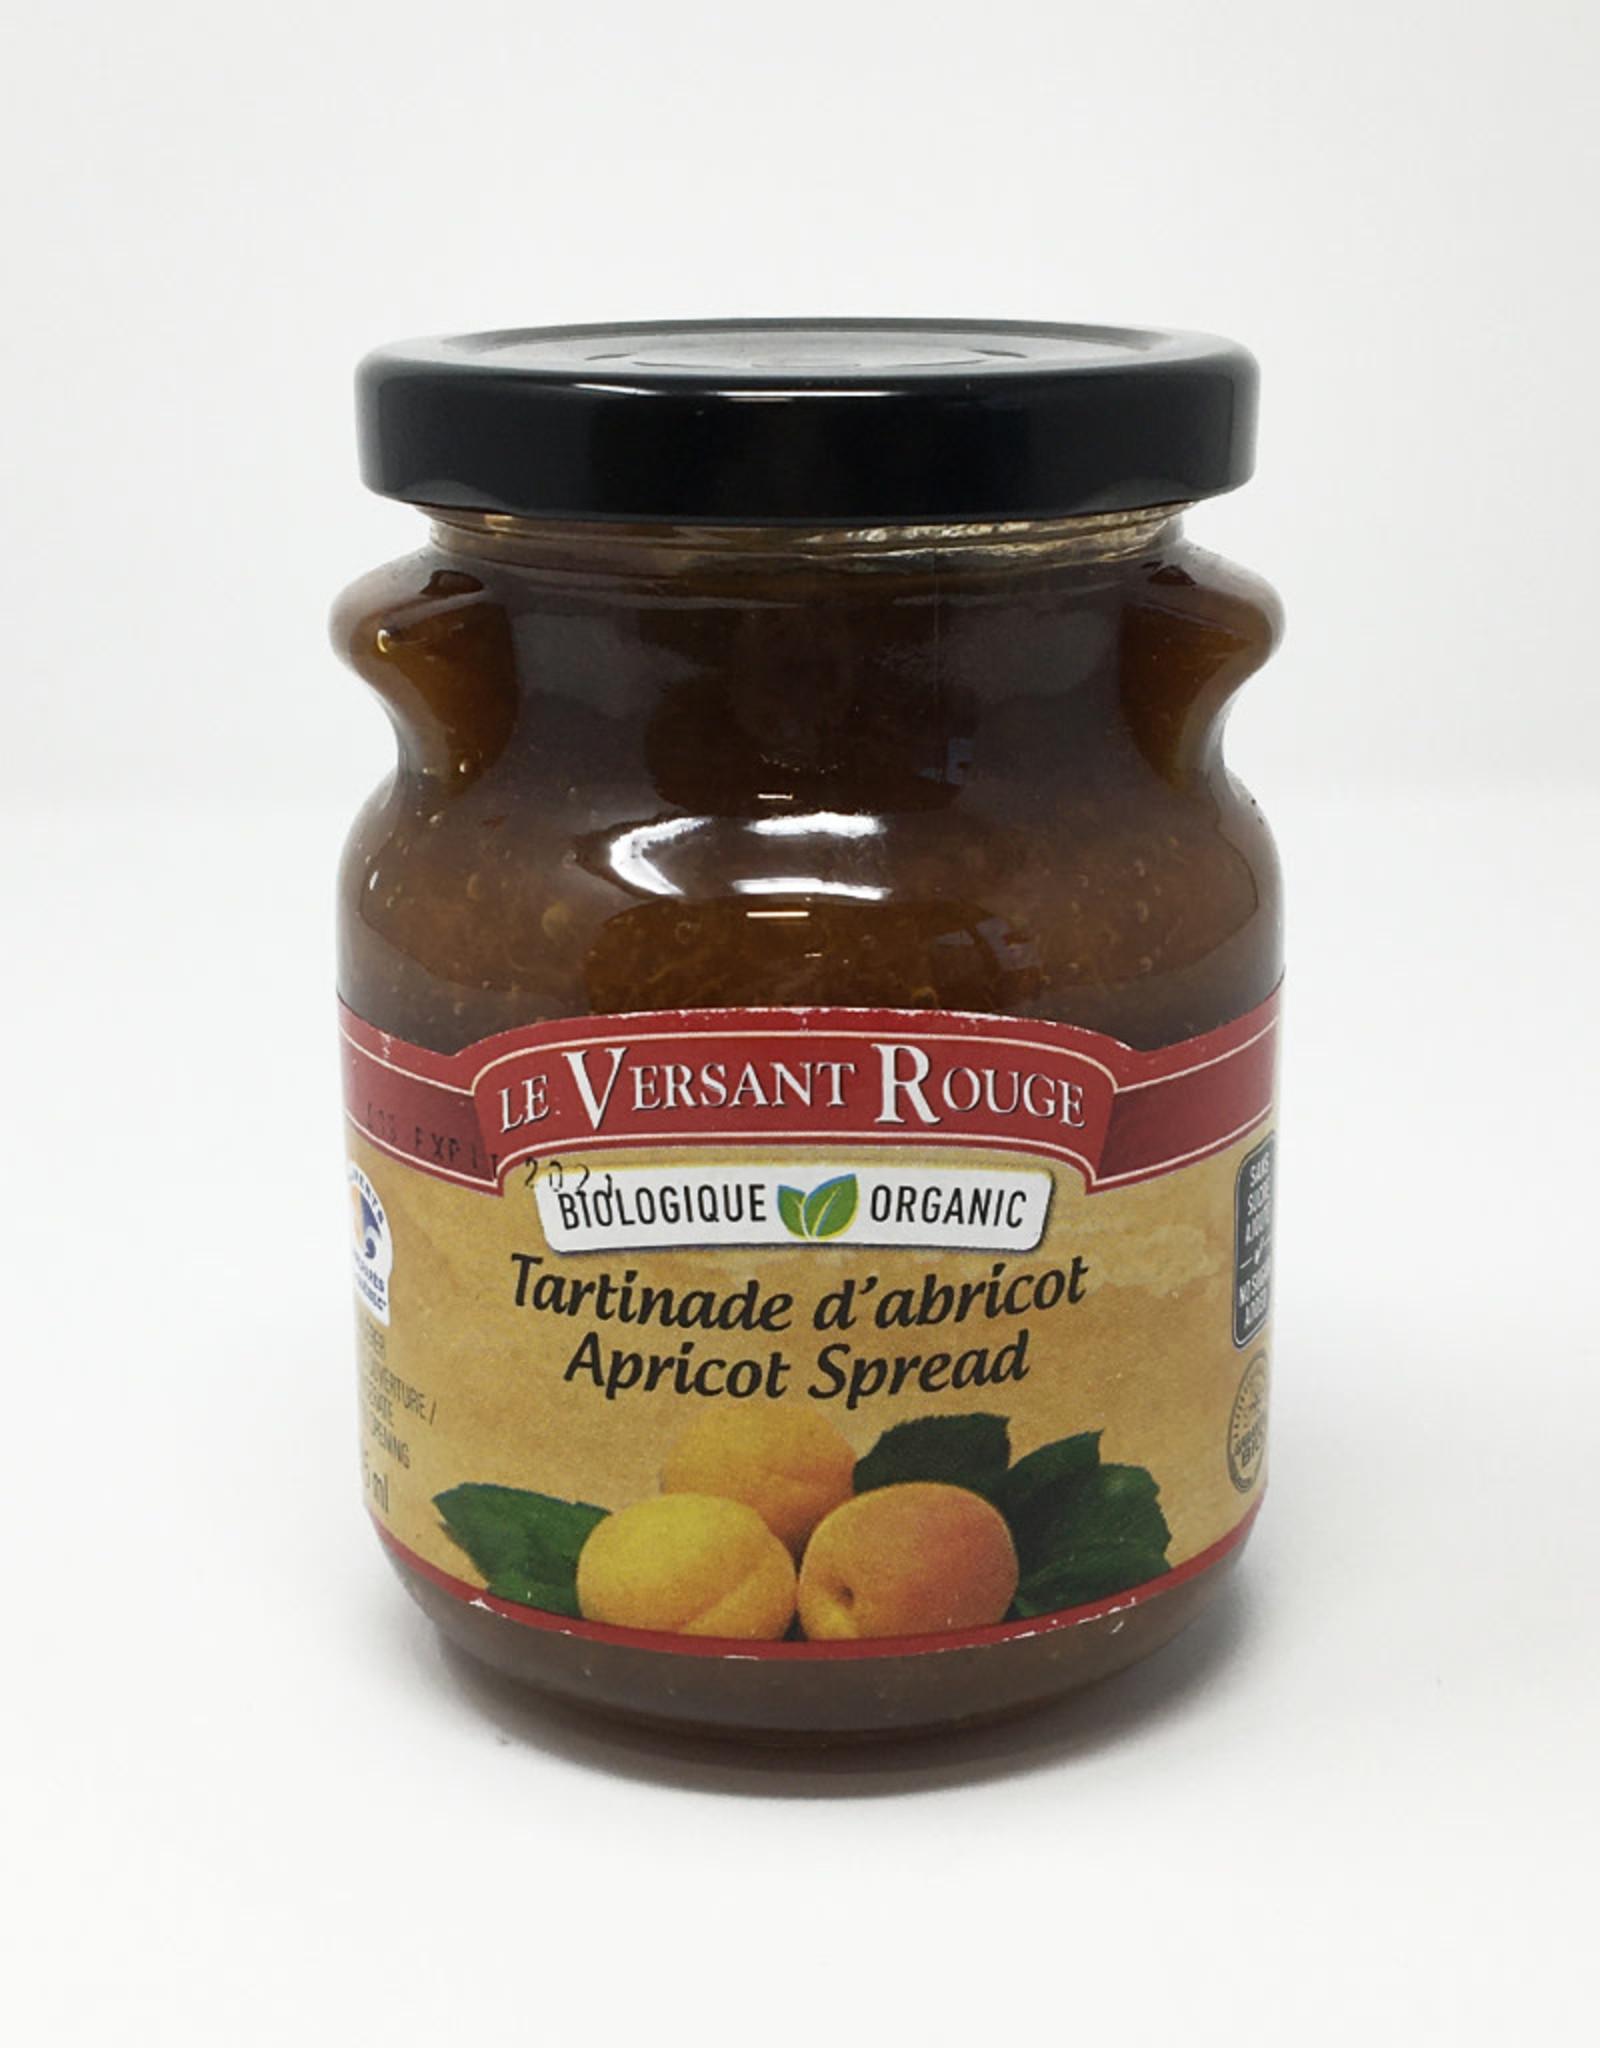 Le Versant Rouge Le Versant Rouge - Organic Jam, Apricot